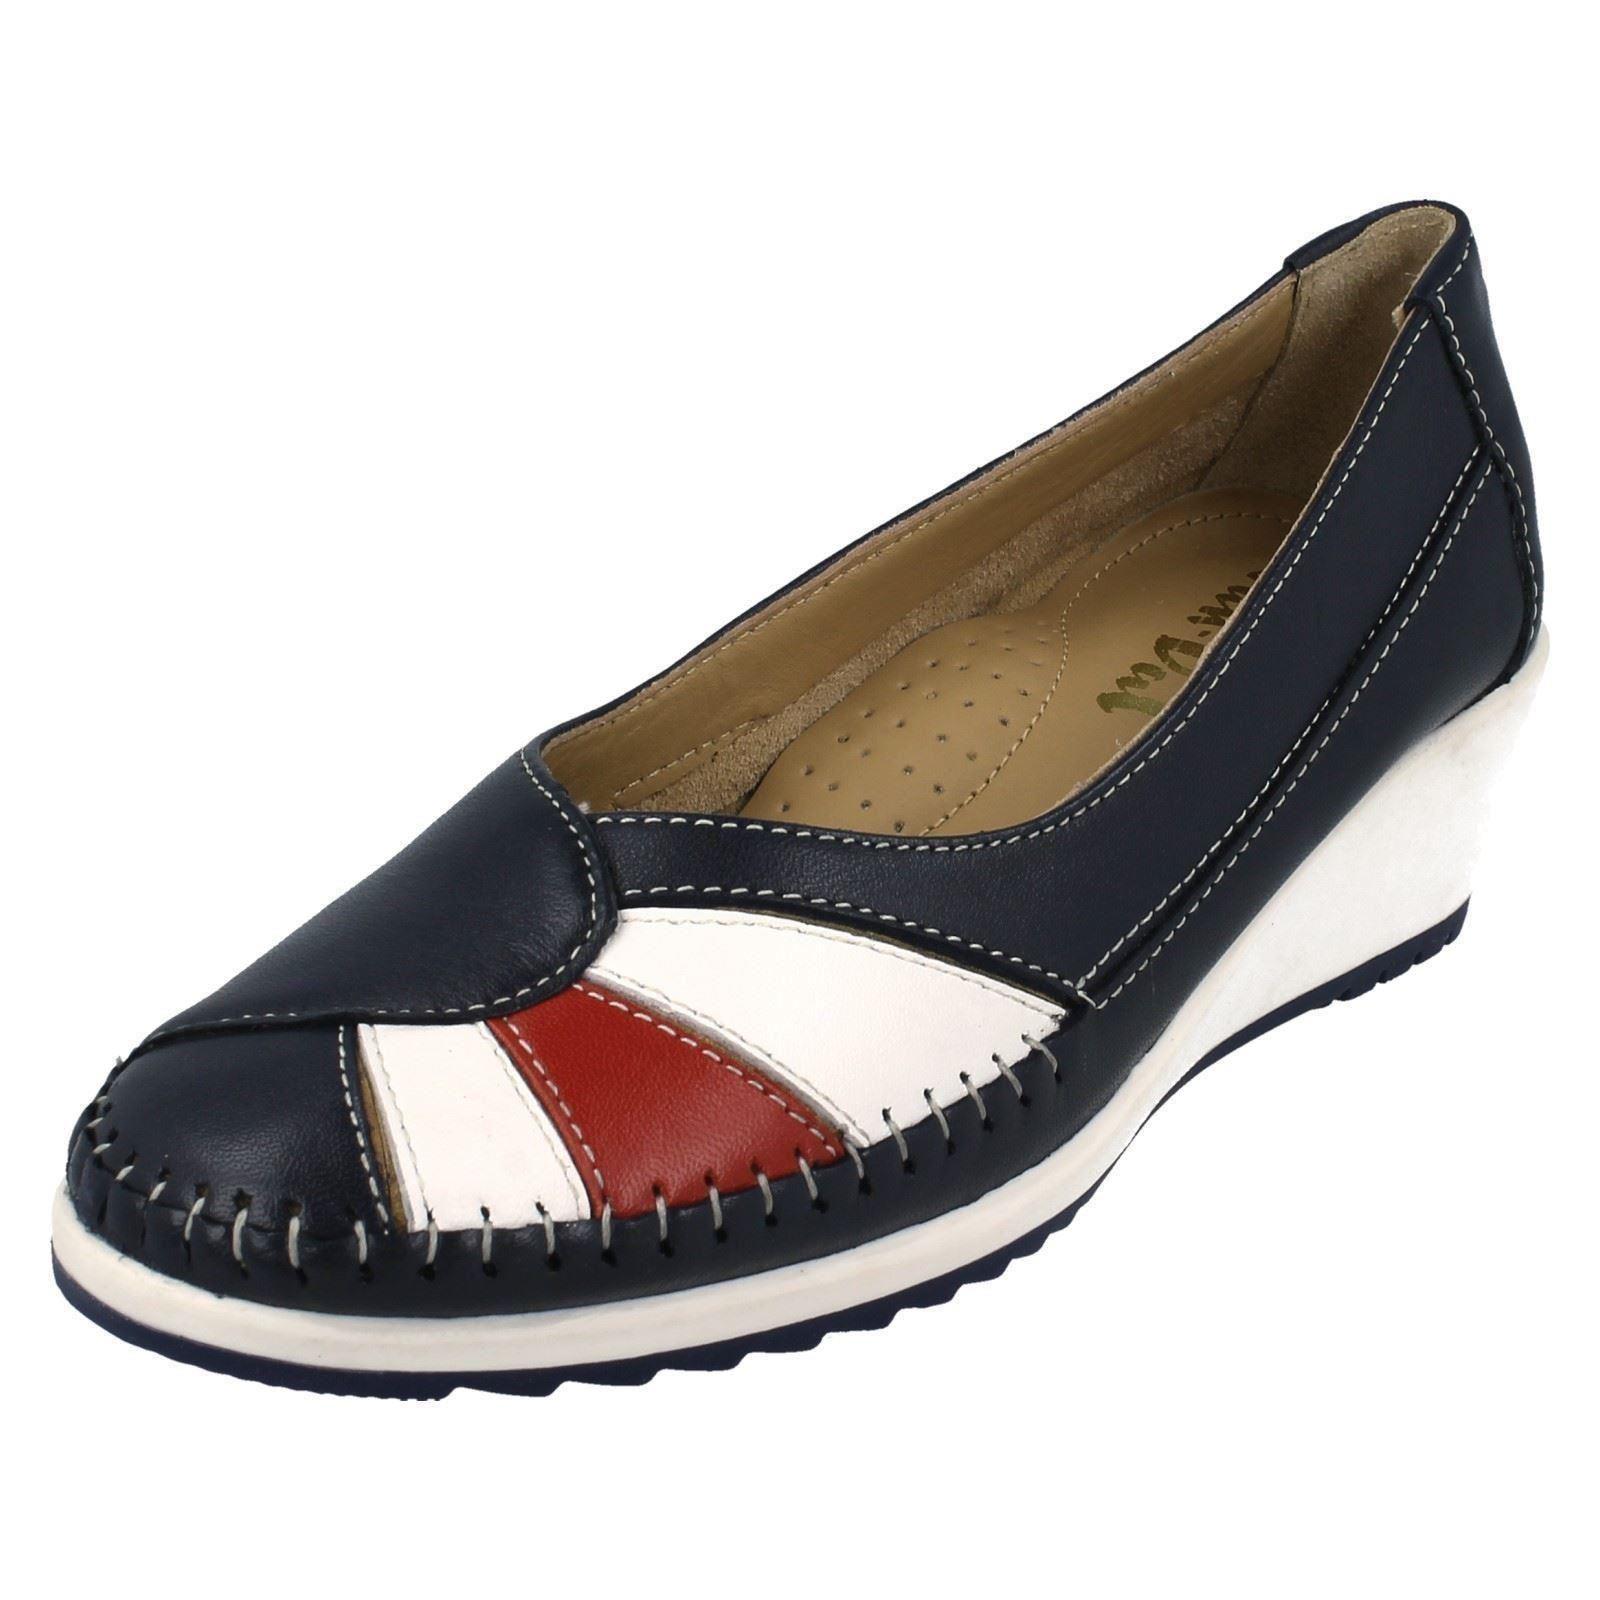 Ladies Van Dal River Slip On Wedge Shoes   eBay